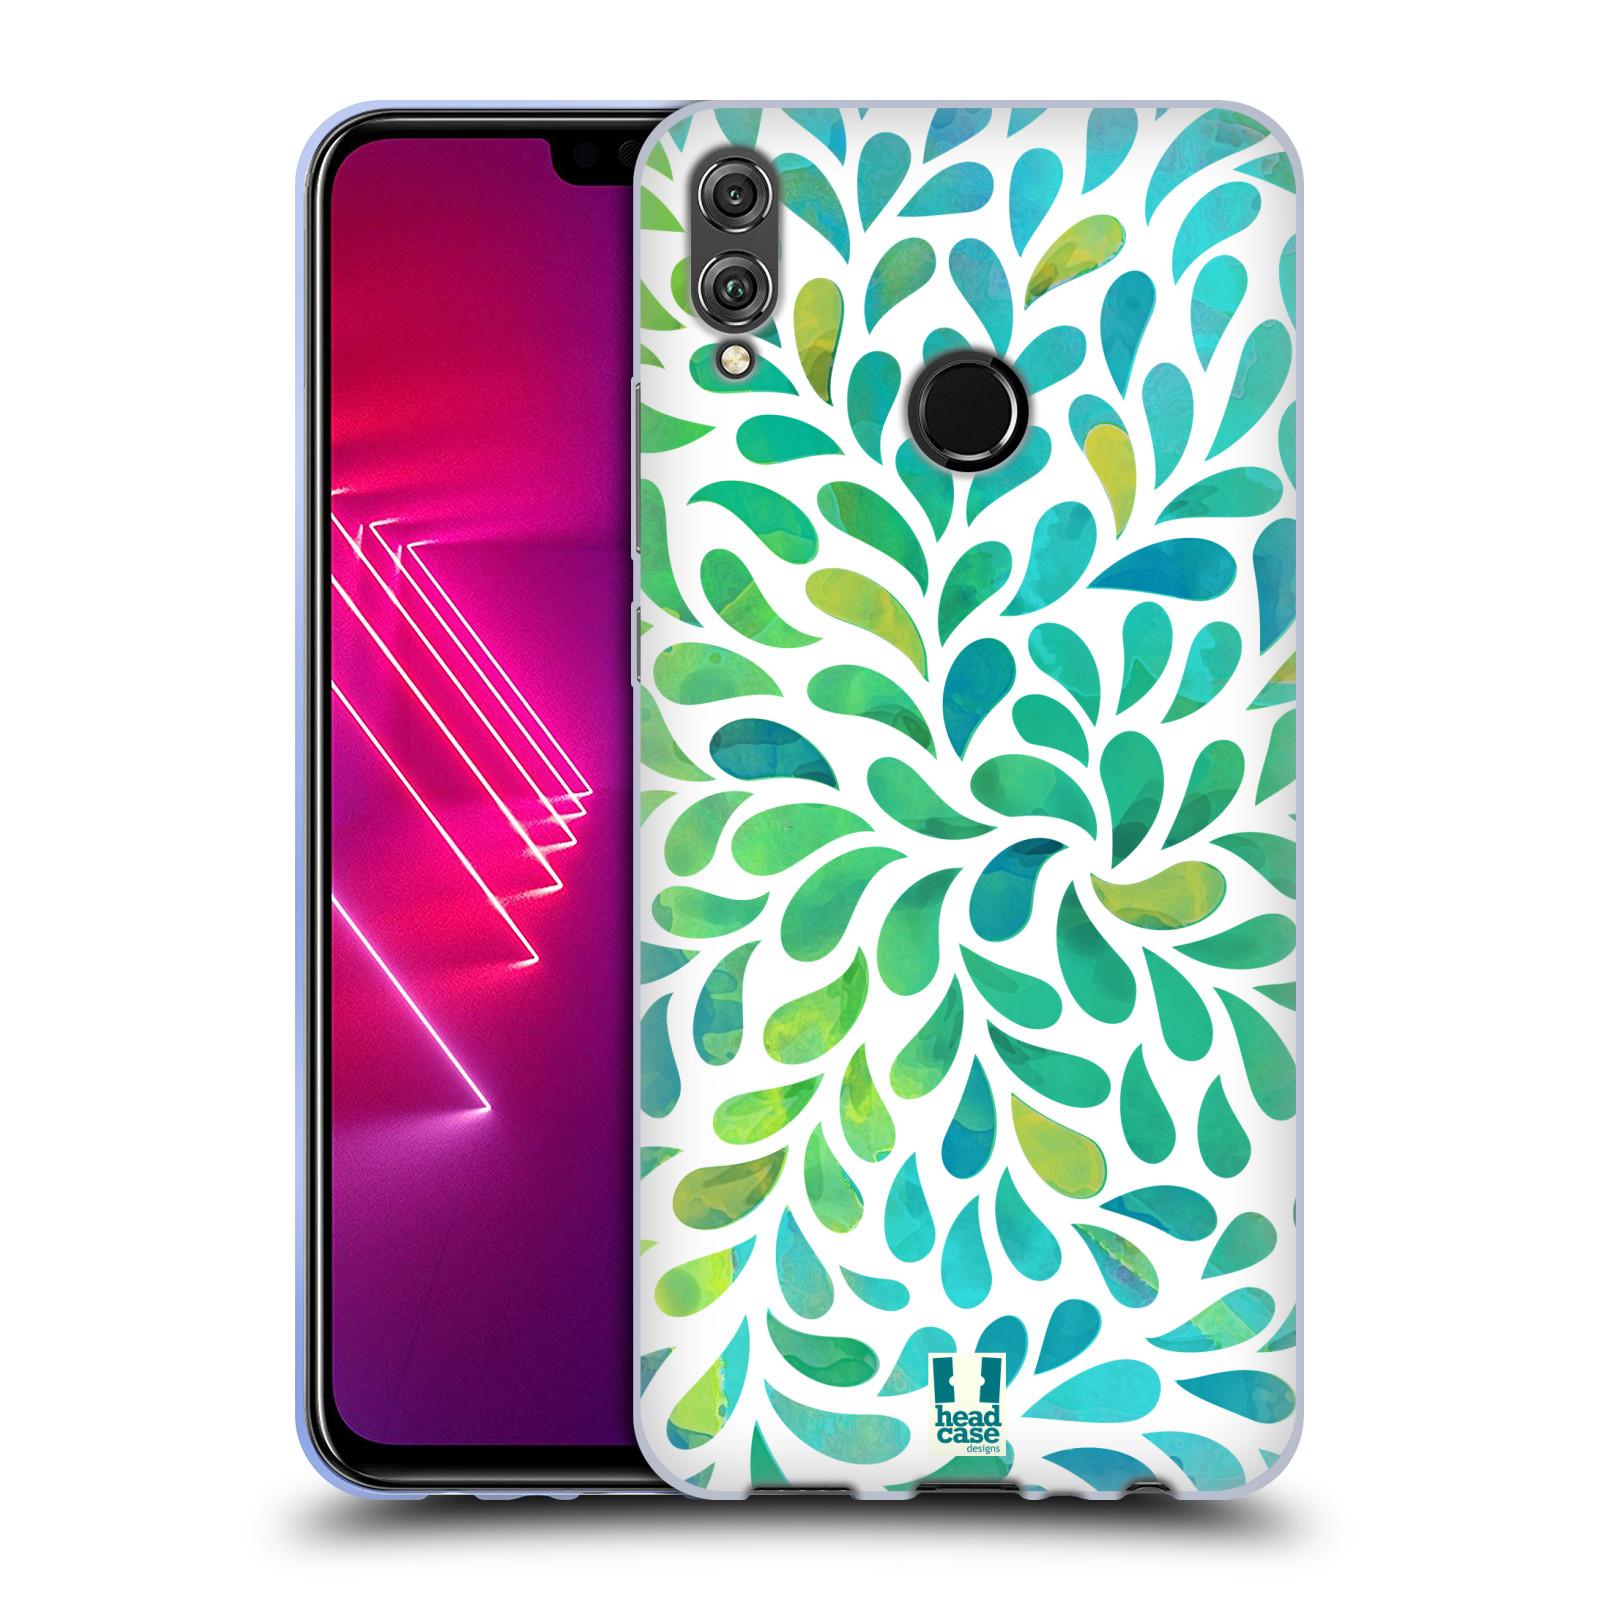 Silikonové pouzdro na mobil Honor View 10 Lite - Head Case - Droplet Wave Kapičky